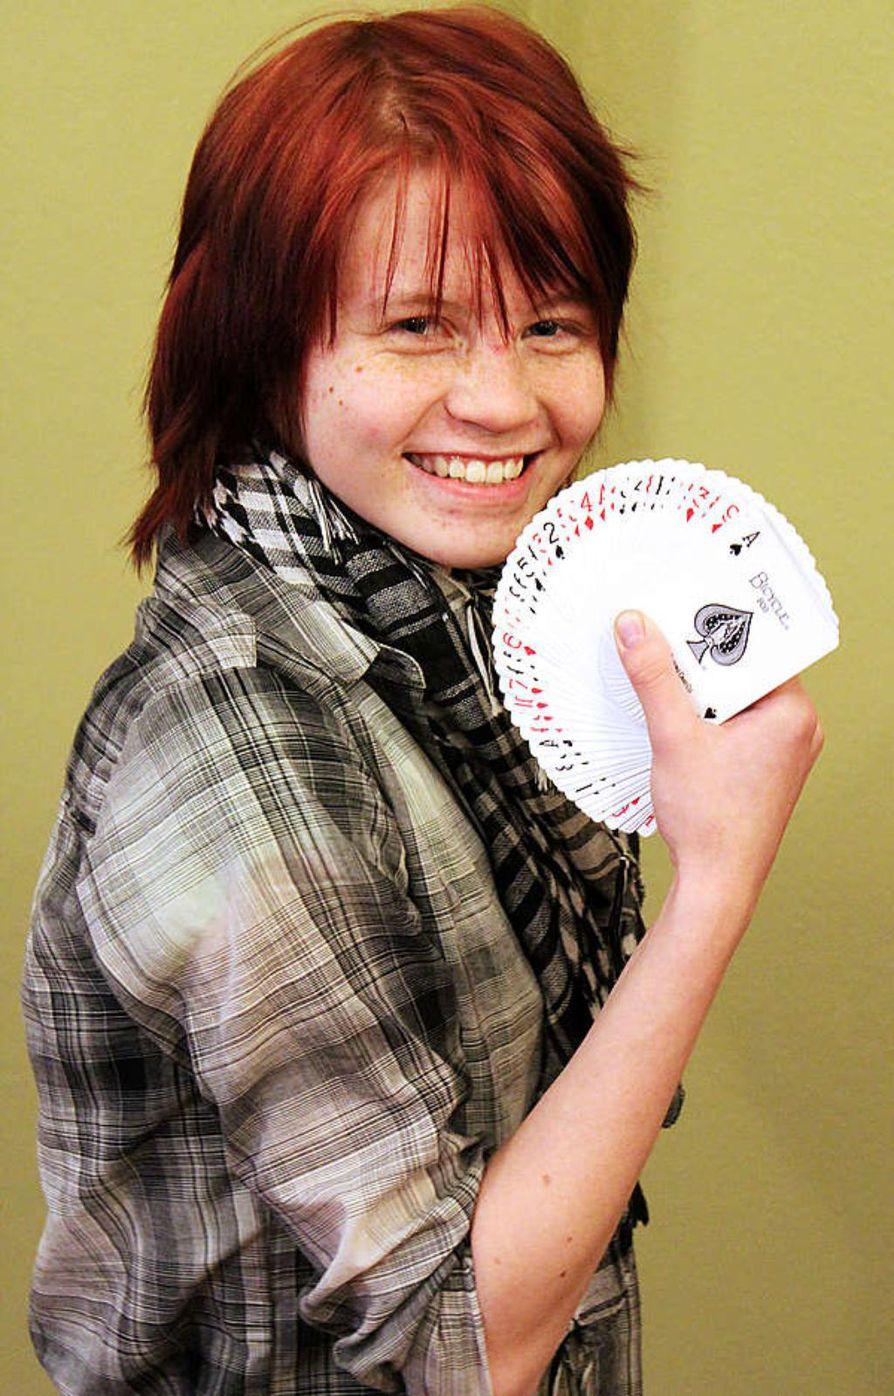 Kortti- ja narutemppujen lisäksi taikurityttö Salla Pyynyltä onnistuu  myös ilmapalloeläinten taiteilu.